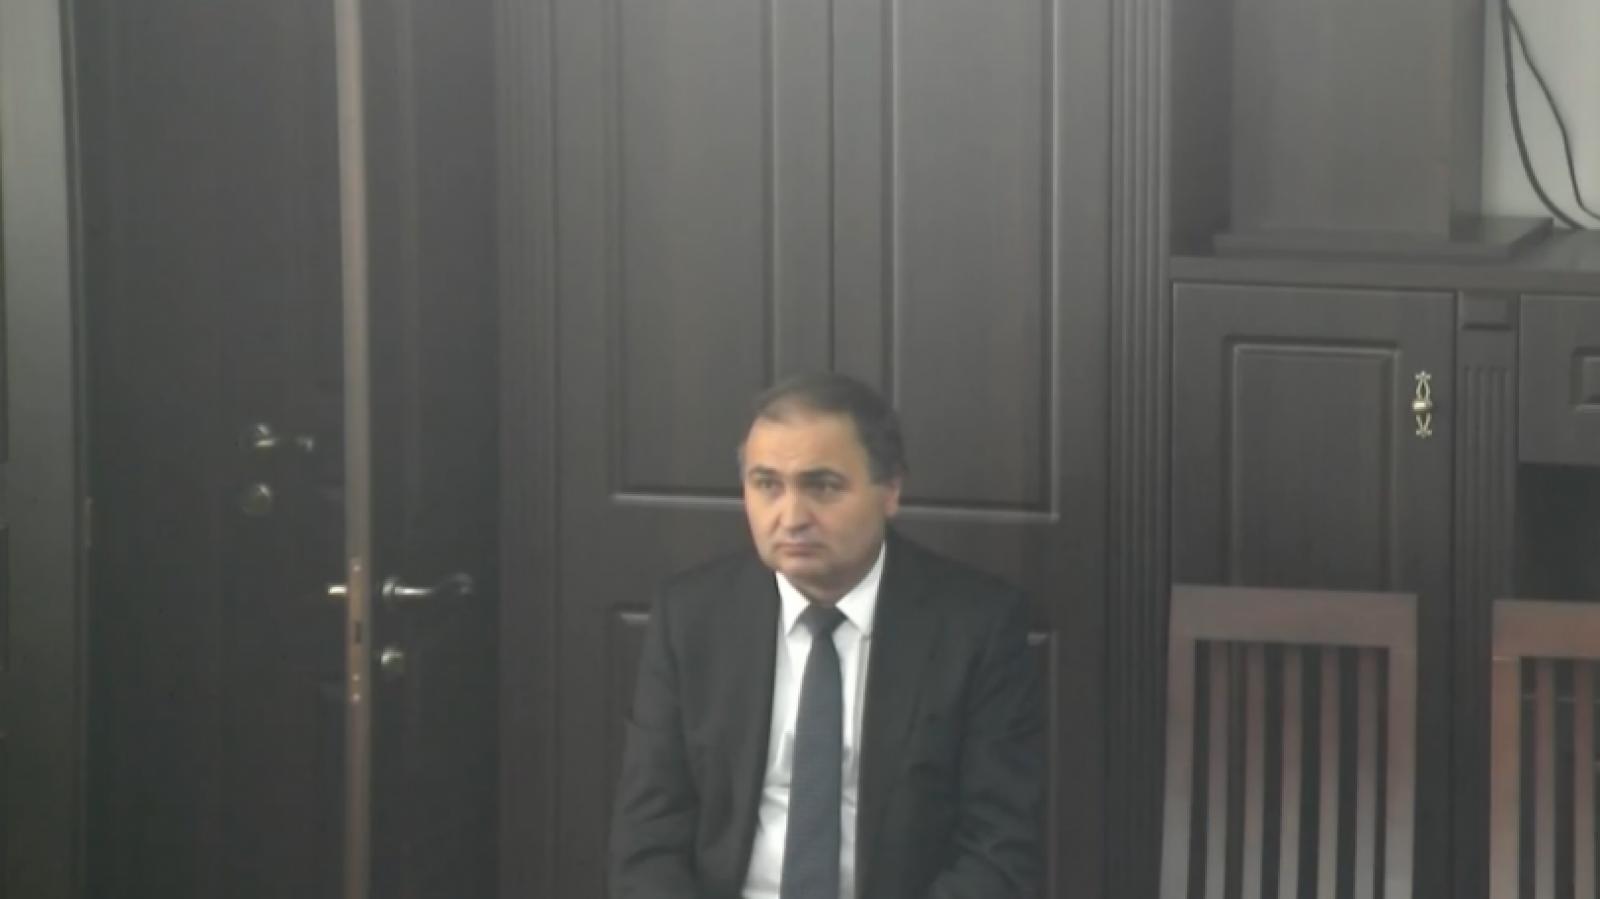 Ion Druță, singurul judecător participant la concurs, a fost propus de CSM la funcția de președinte al Curții Supreme de Justiție